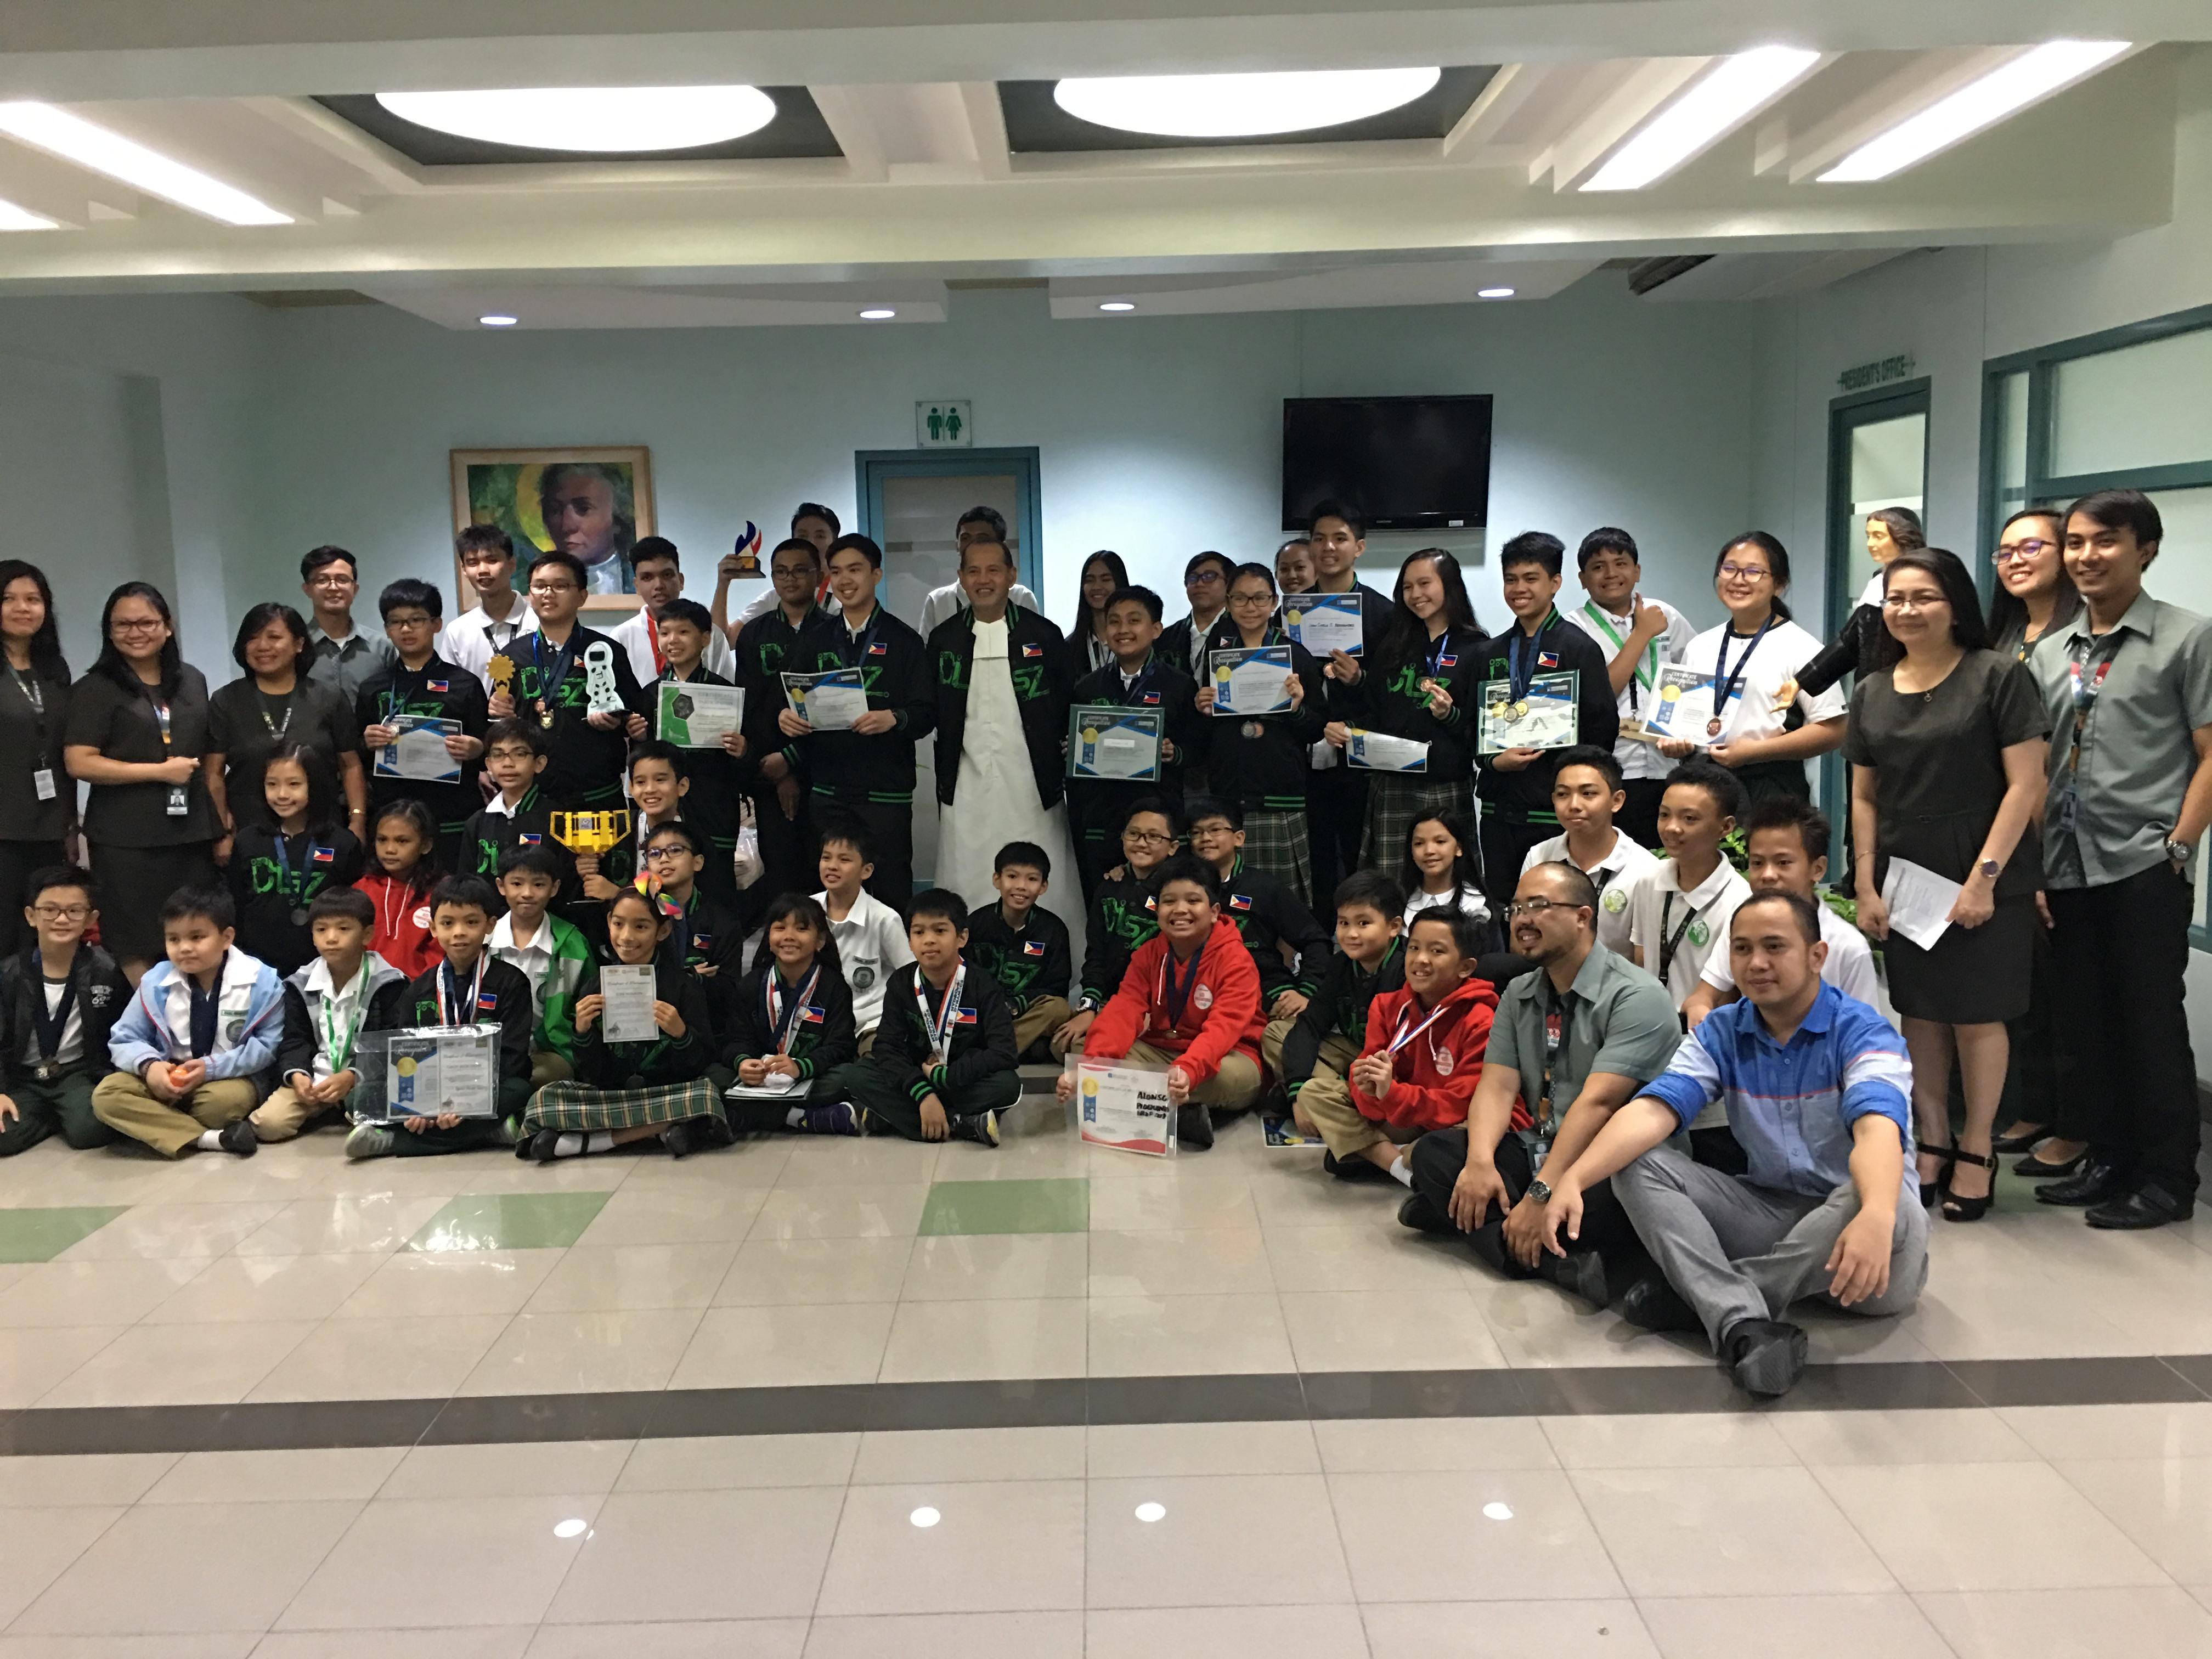 De La Salle Santiago Zobel Dlsz Robotics Team Wins 35 Medals In